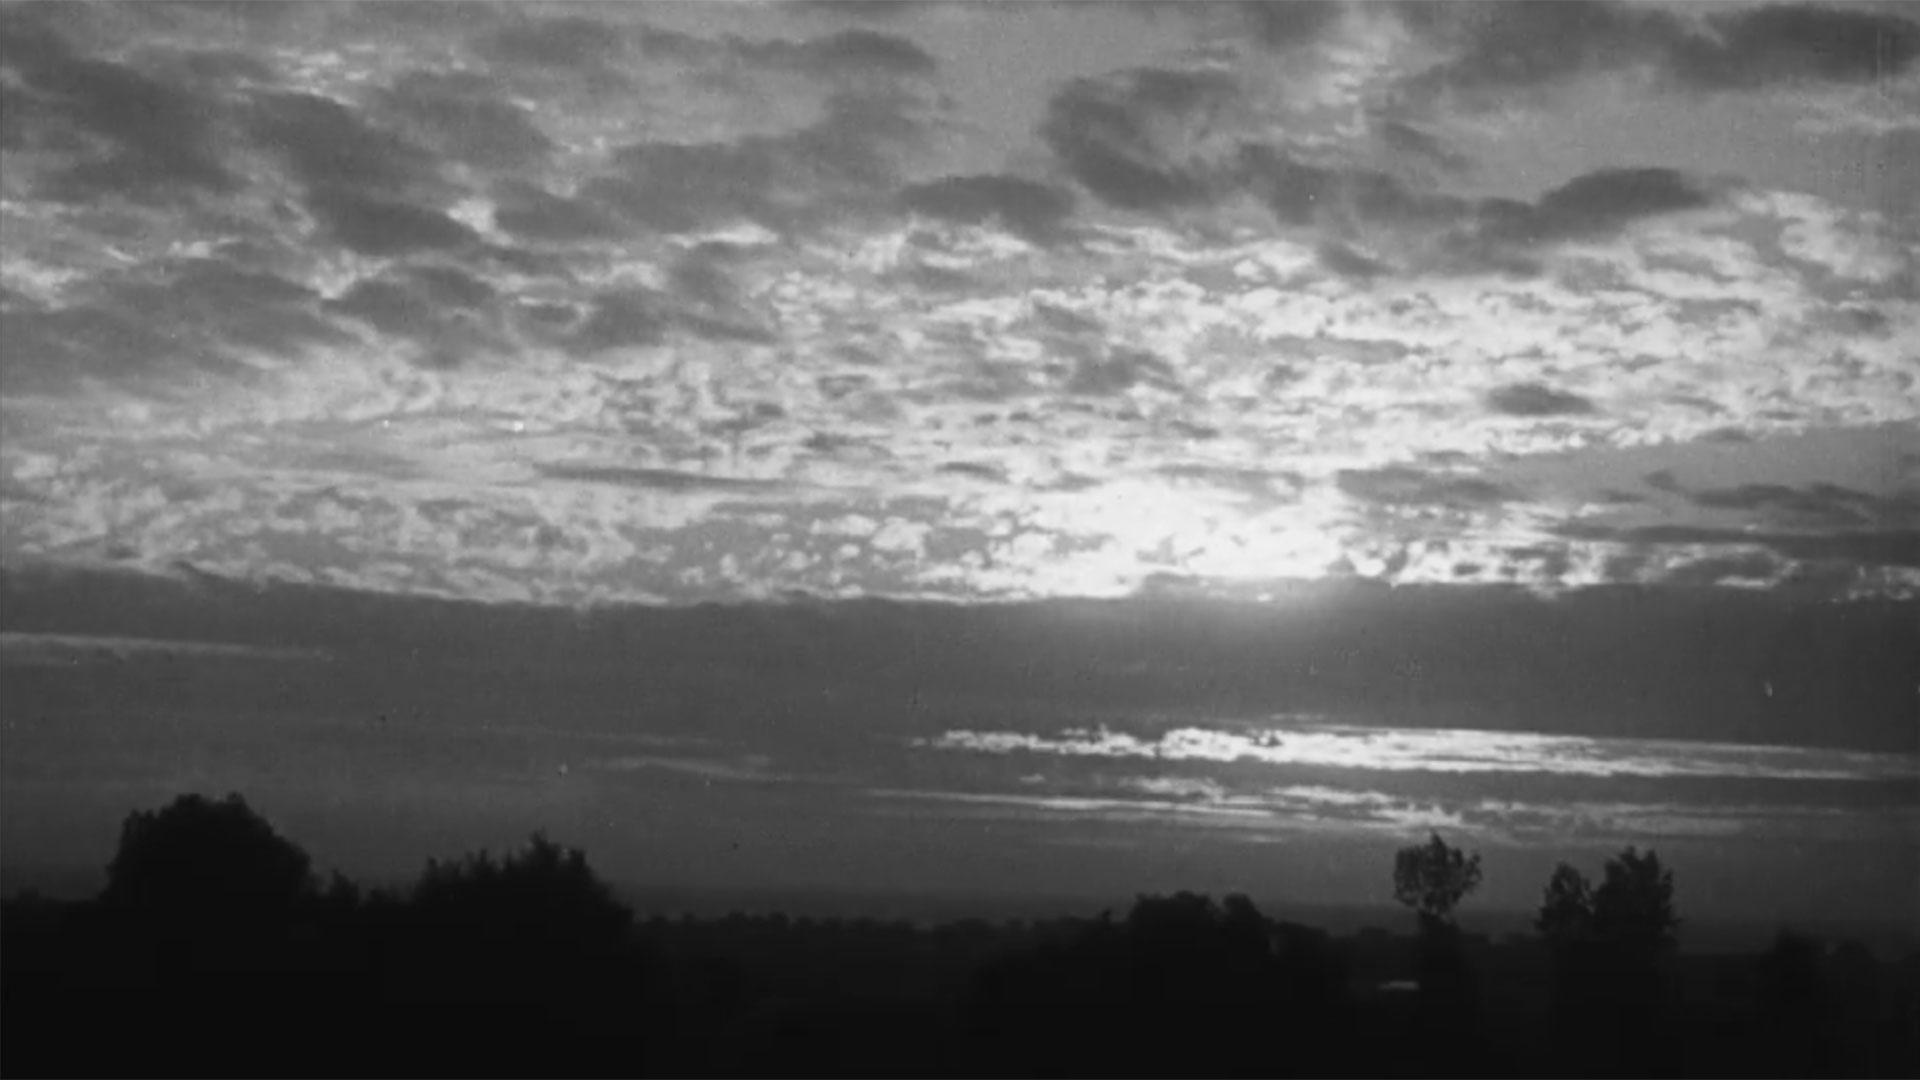 Déformations du soleil dues à la réfraction au moment de son coucher (1935)